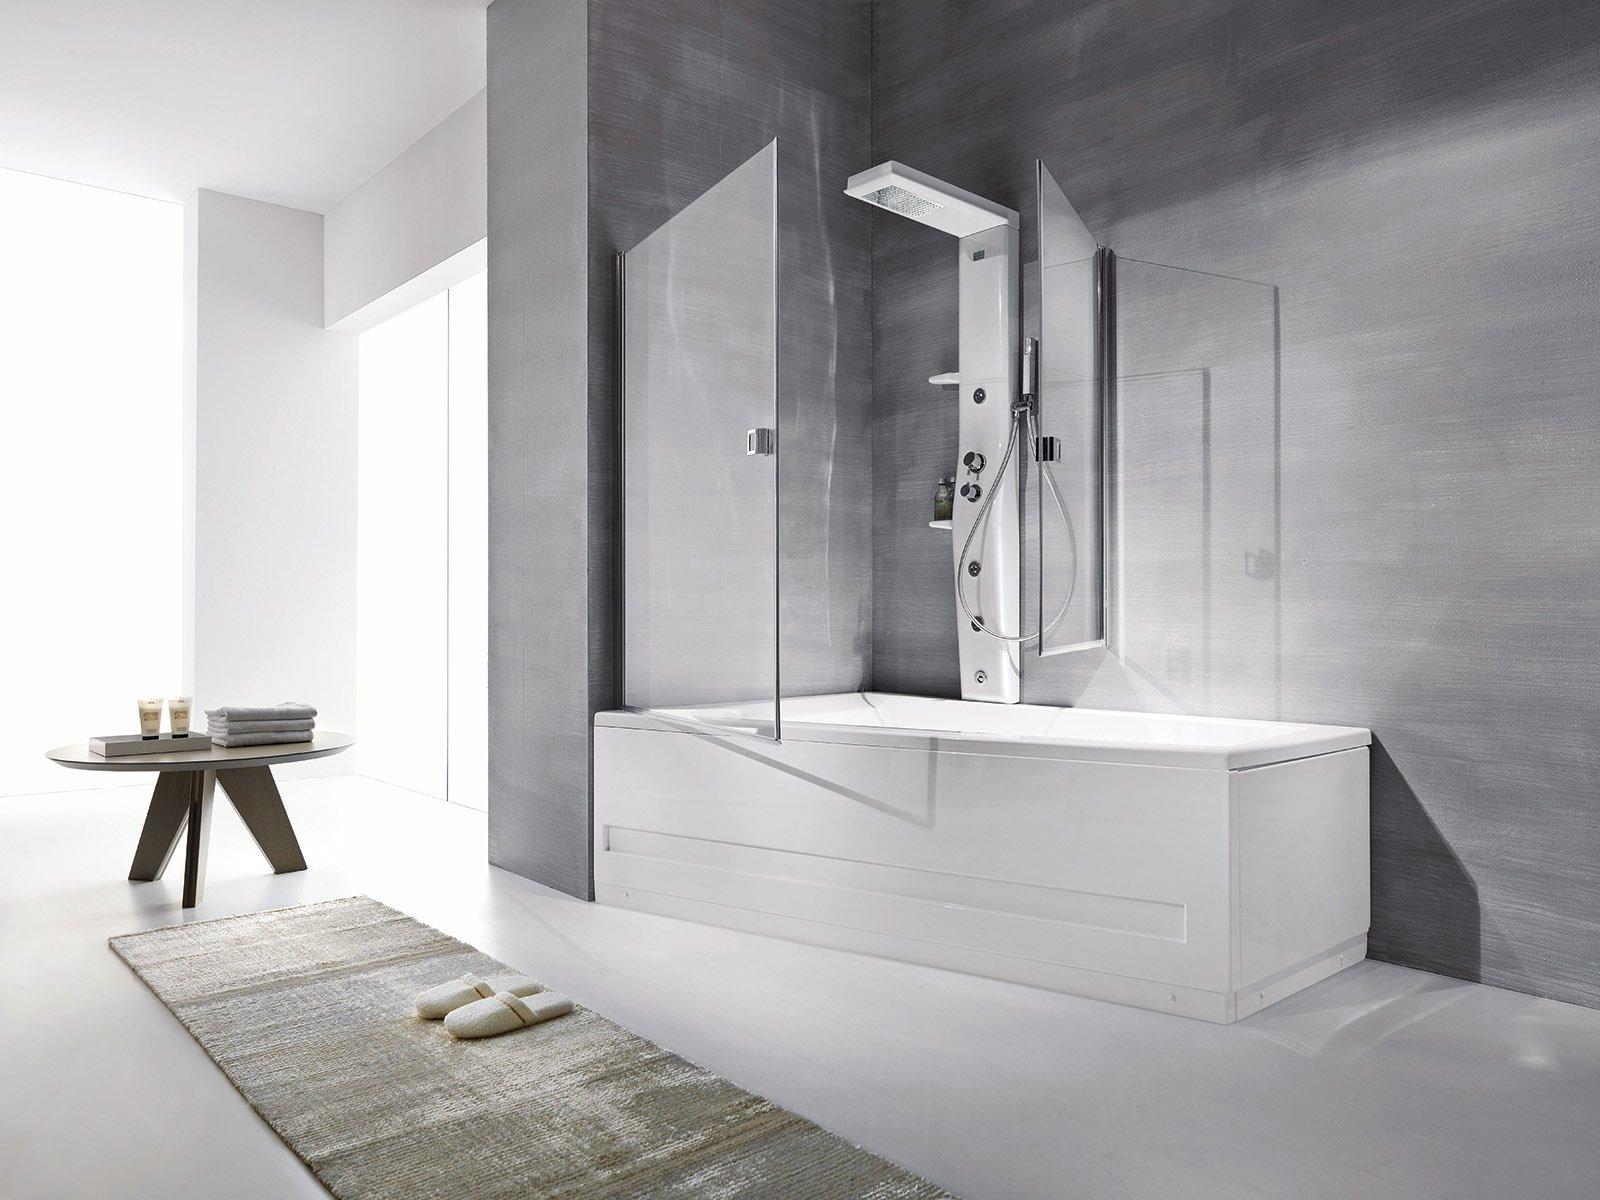 Vasca Da Bagno Con Pannelli Prezzi : Vasca da bagno prezzi gallery of pannelli doccia prezzi con best